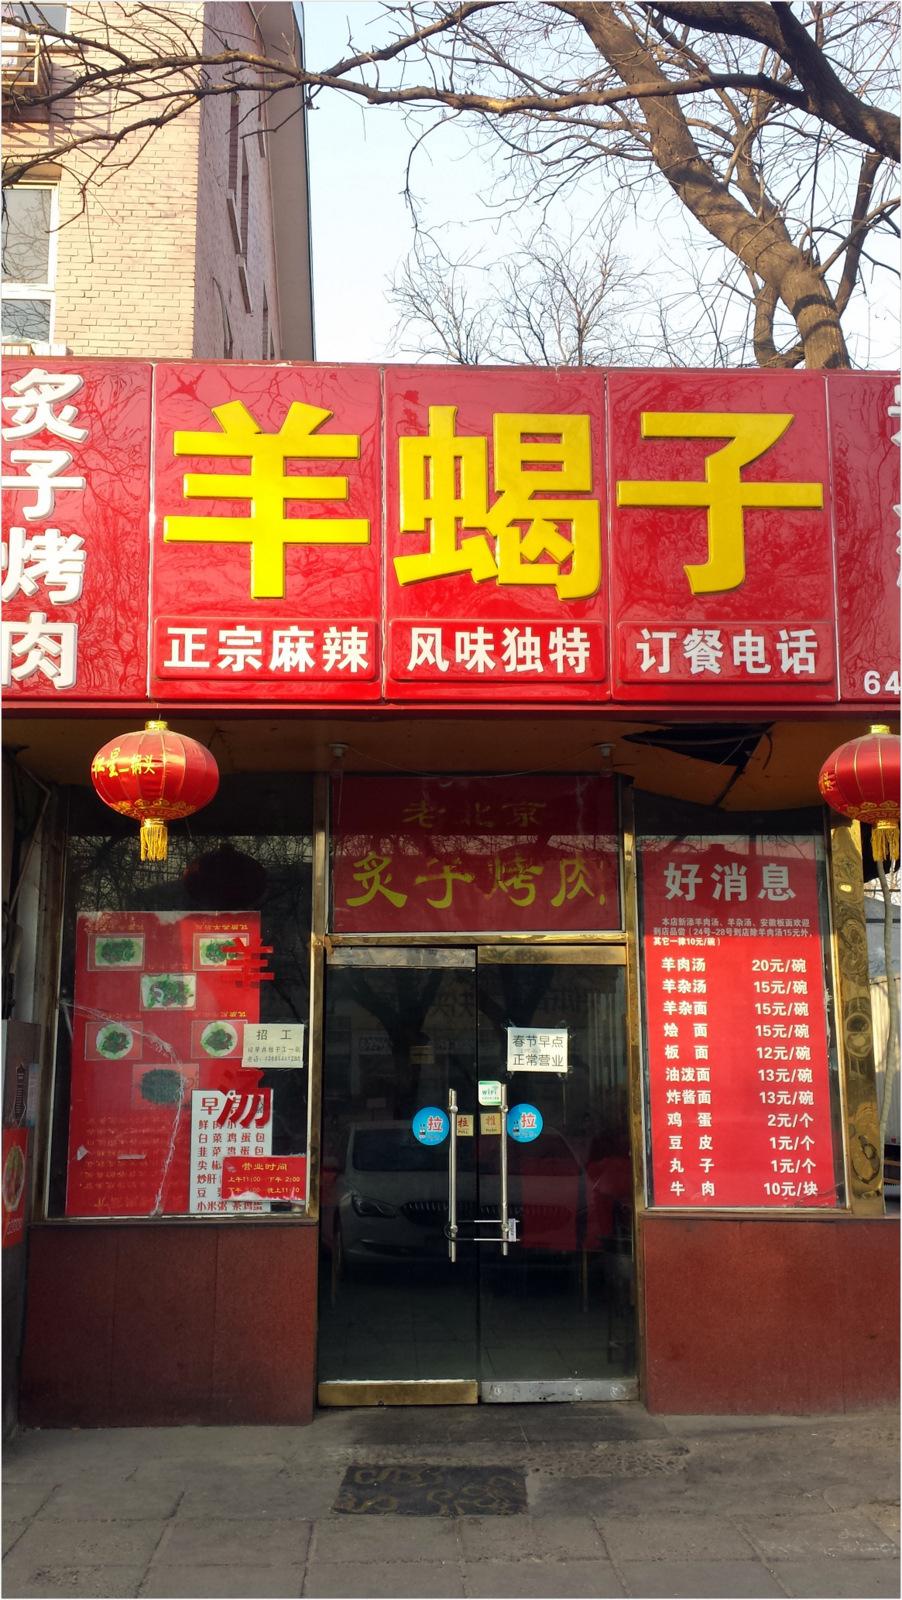 Frontdoor favorite restaurant - Beijing